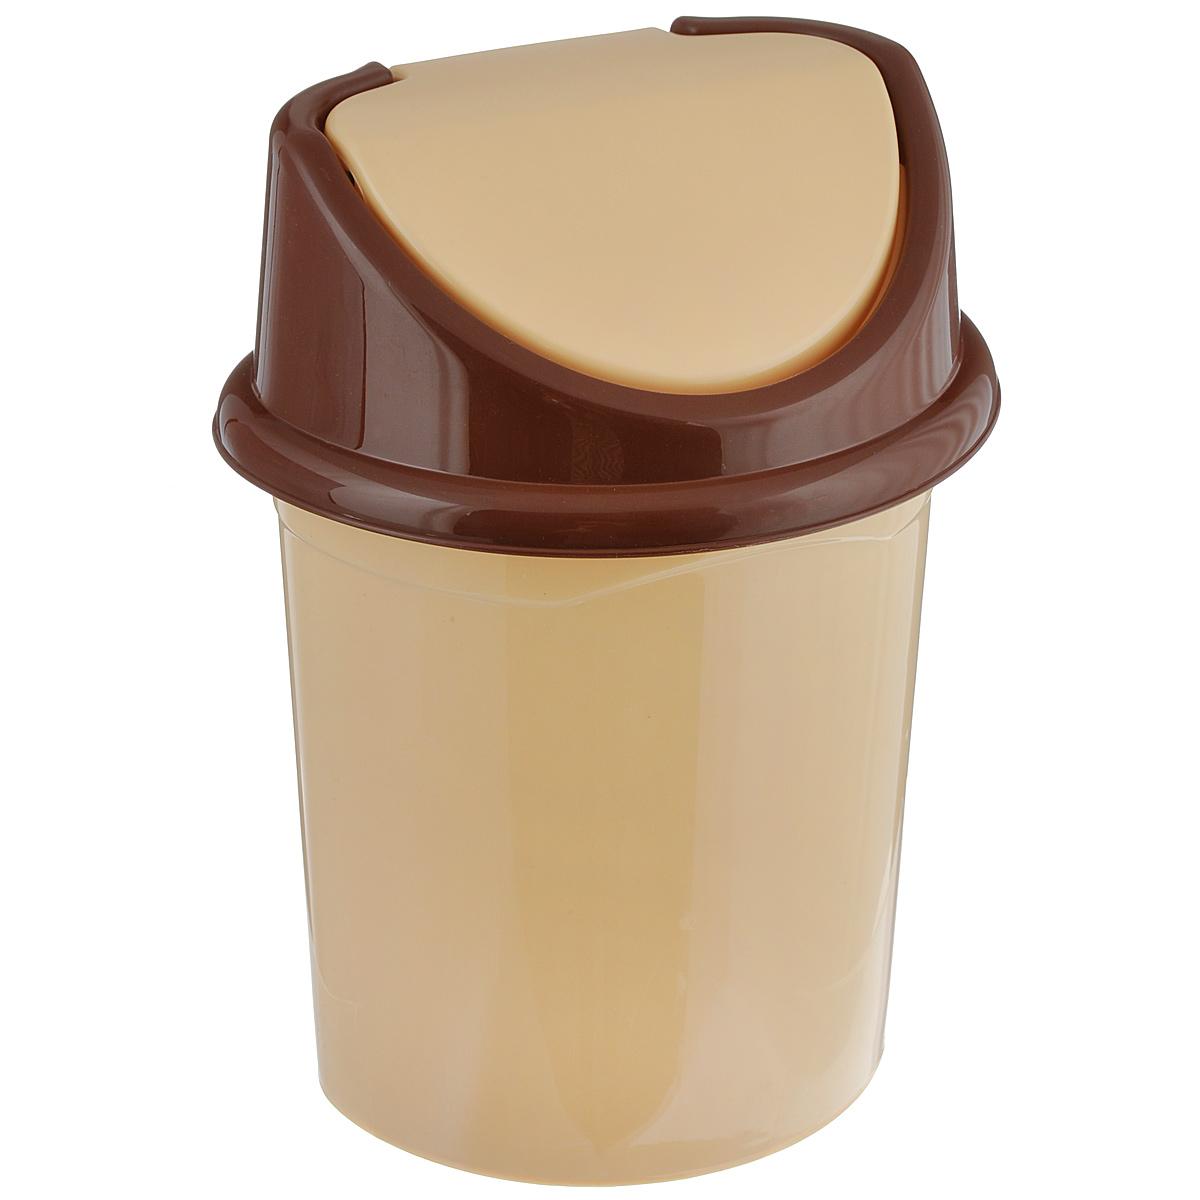 Контейнер для мусора Violet, цвет: бежевый, коричневый, 4 лRG-D31SКонтейнер для мусора Violet изготовлен из прочного пластика и снабжен удобной съемной крышкой с подвижной перегородкой. В нем удобно хранить мелкий мусор. Благодаря лаконичному дизайну такой контейнер идеально впишется в интерьер и дома, и офиса.Размер изделия: 16 см x 20 см x 27 см.